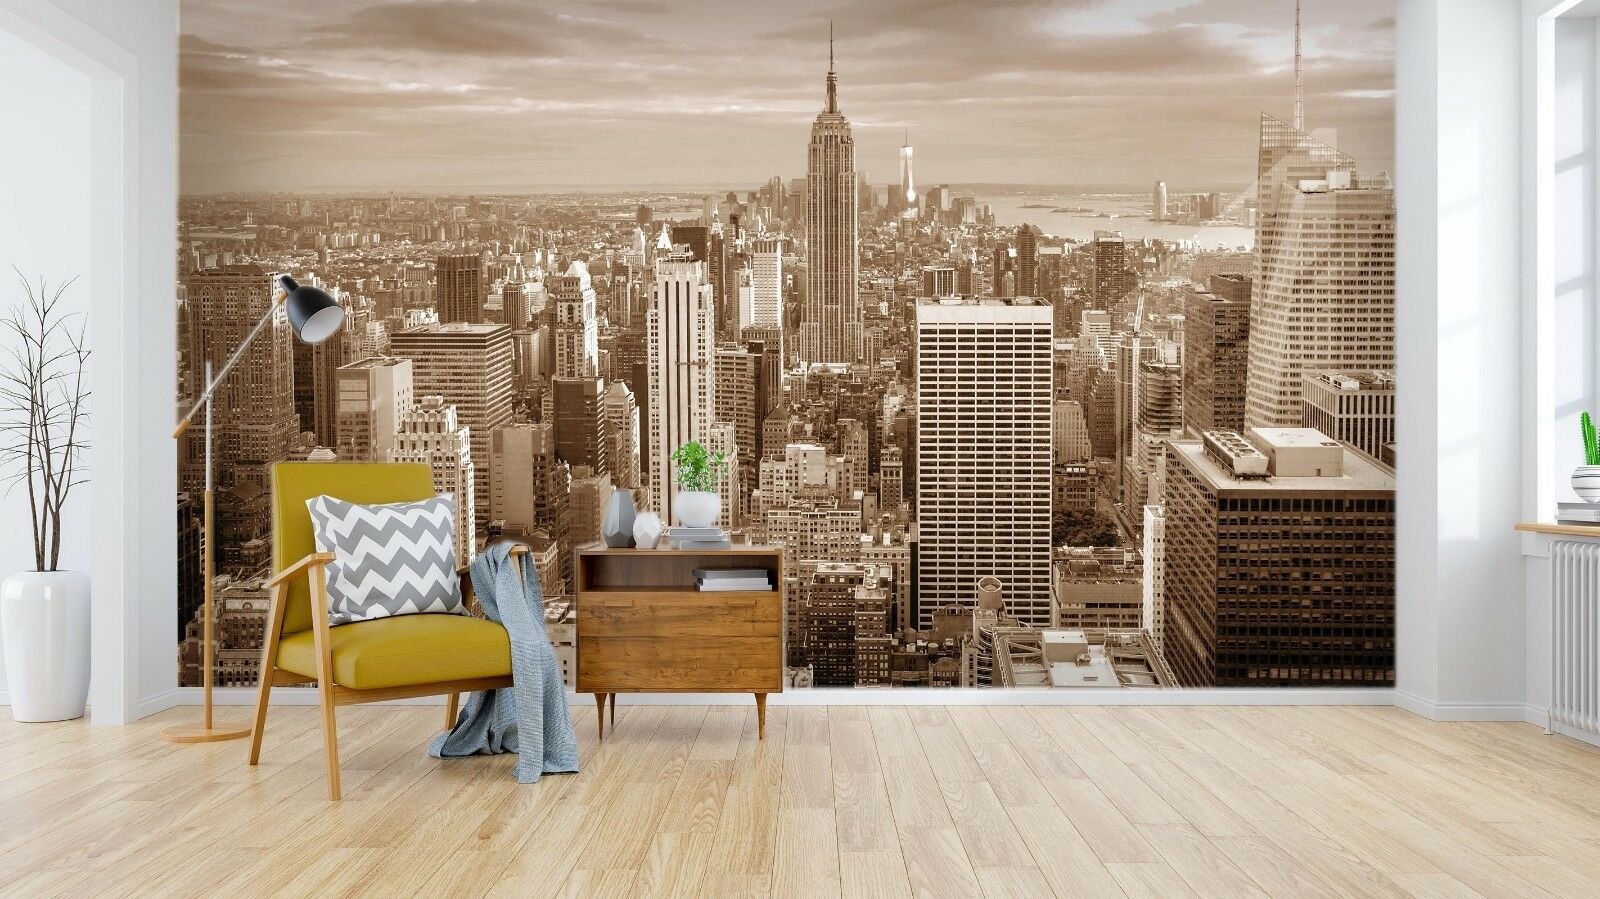 Cartel de Ciudad 3D nostálgico 45 Impresión Impresión Impresión De Pared De Papel De Pared Calcomanía Pared Deco interior murales 6cddcb